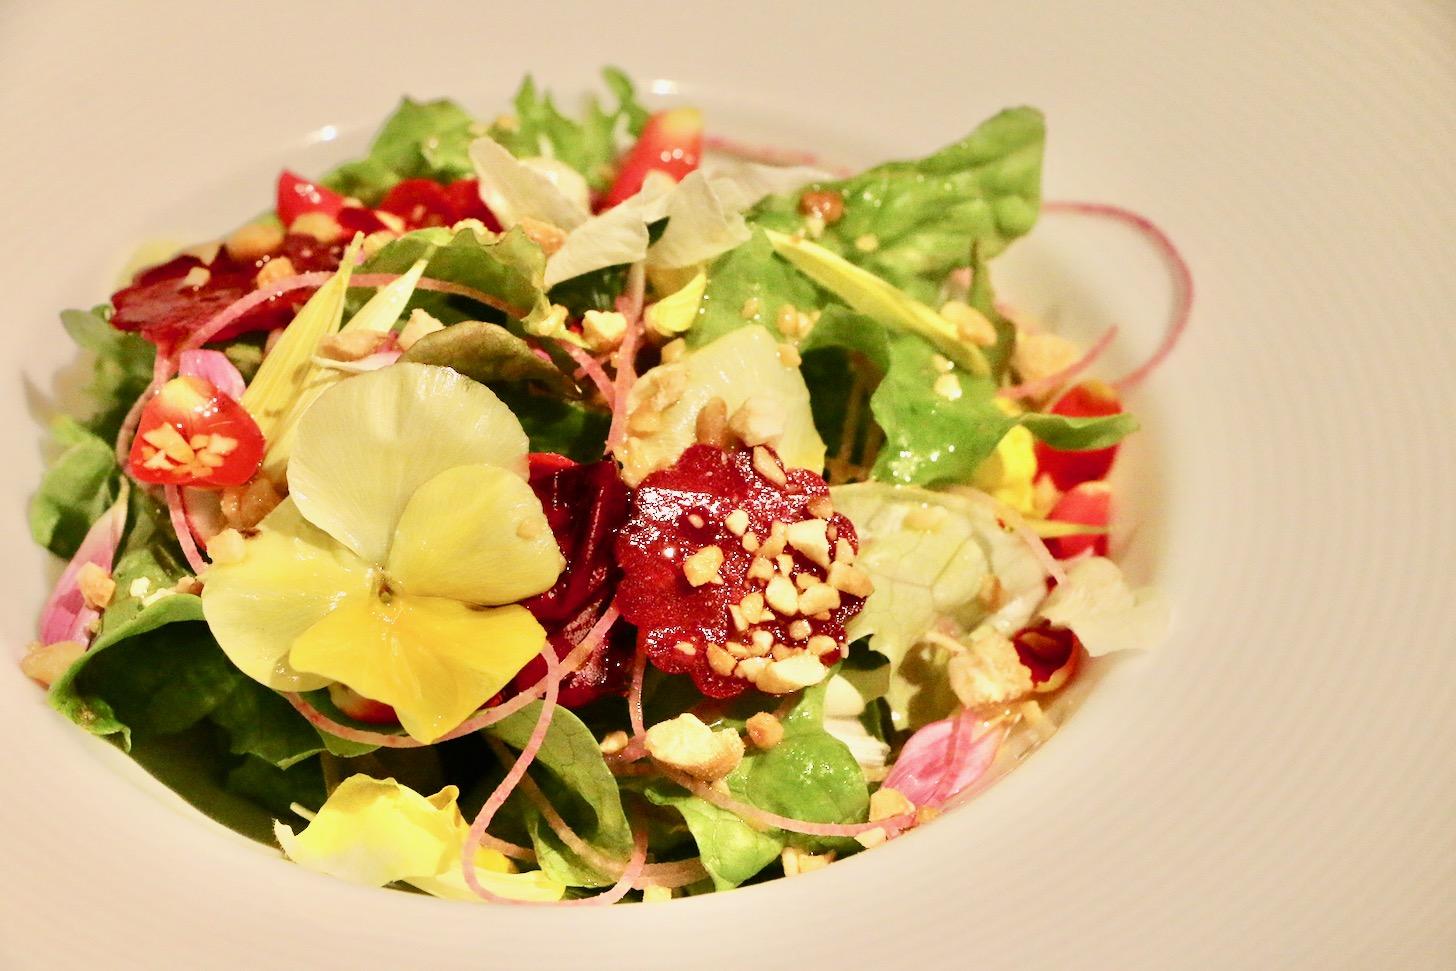 前菜:フラワーブーケを思わせるお花とナッツのフレッシュサラダ